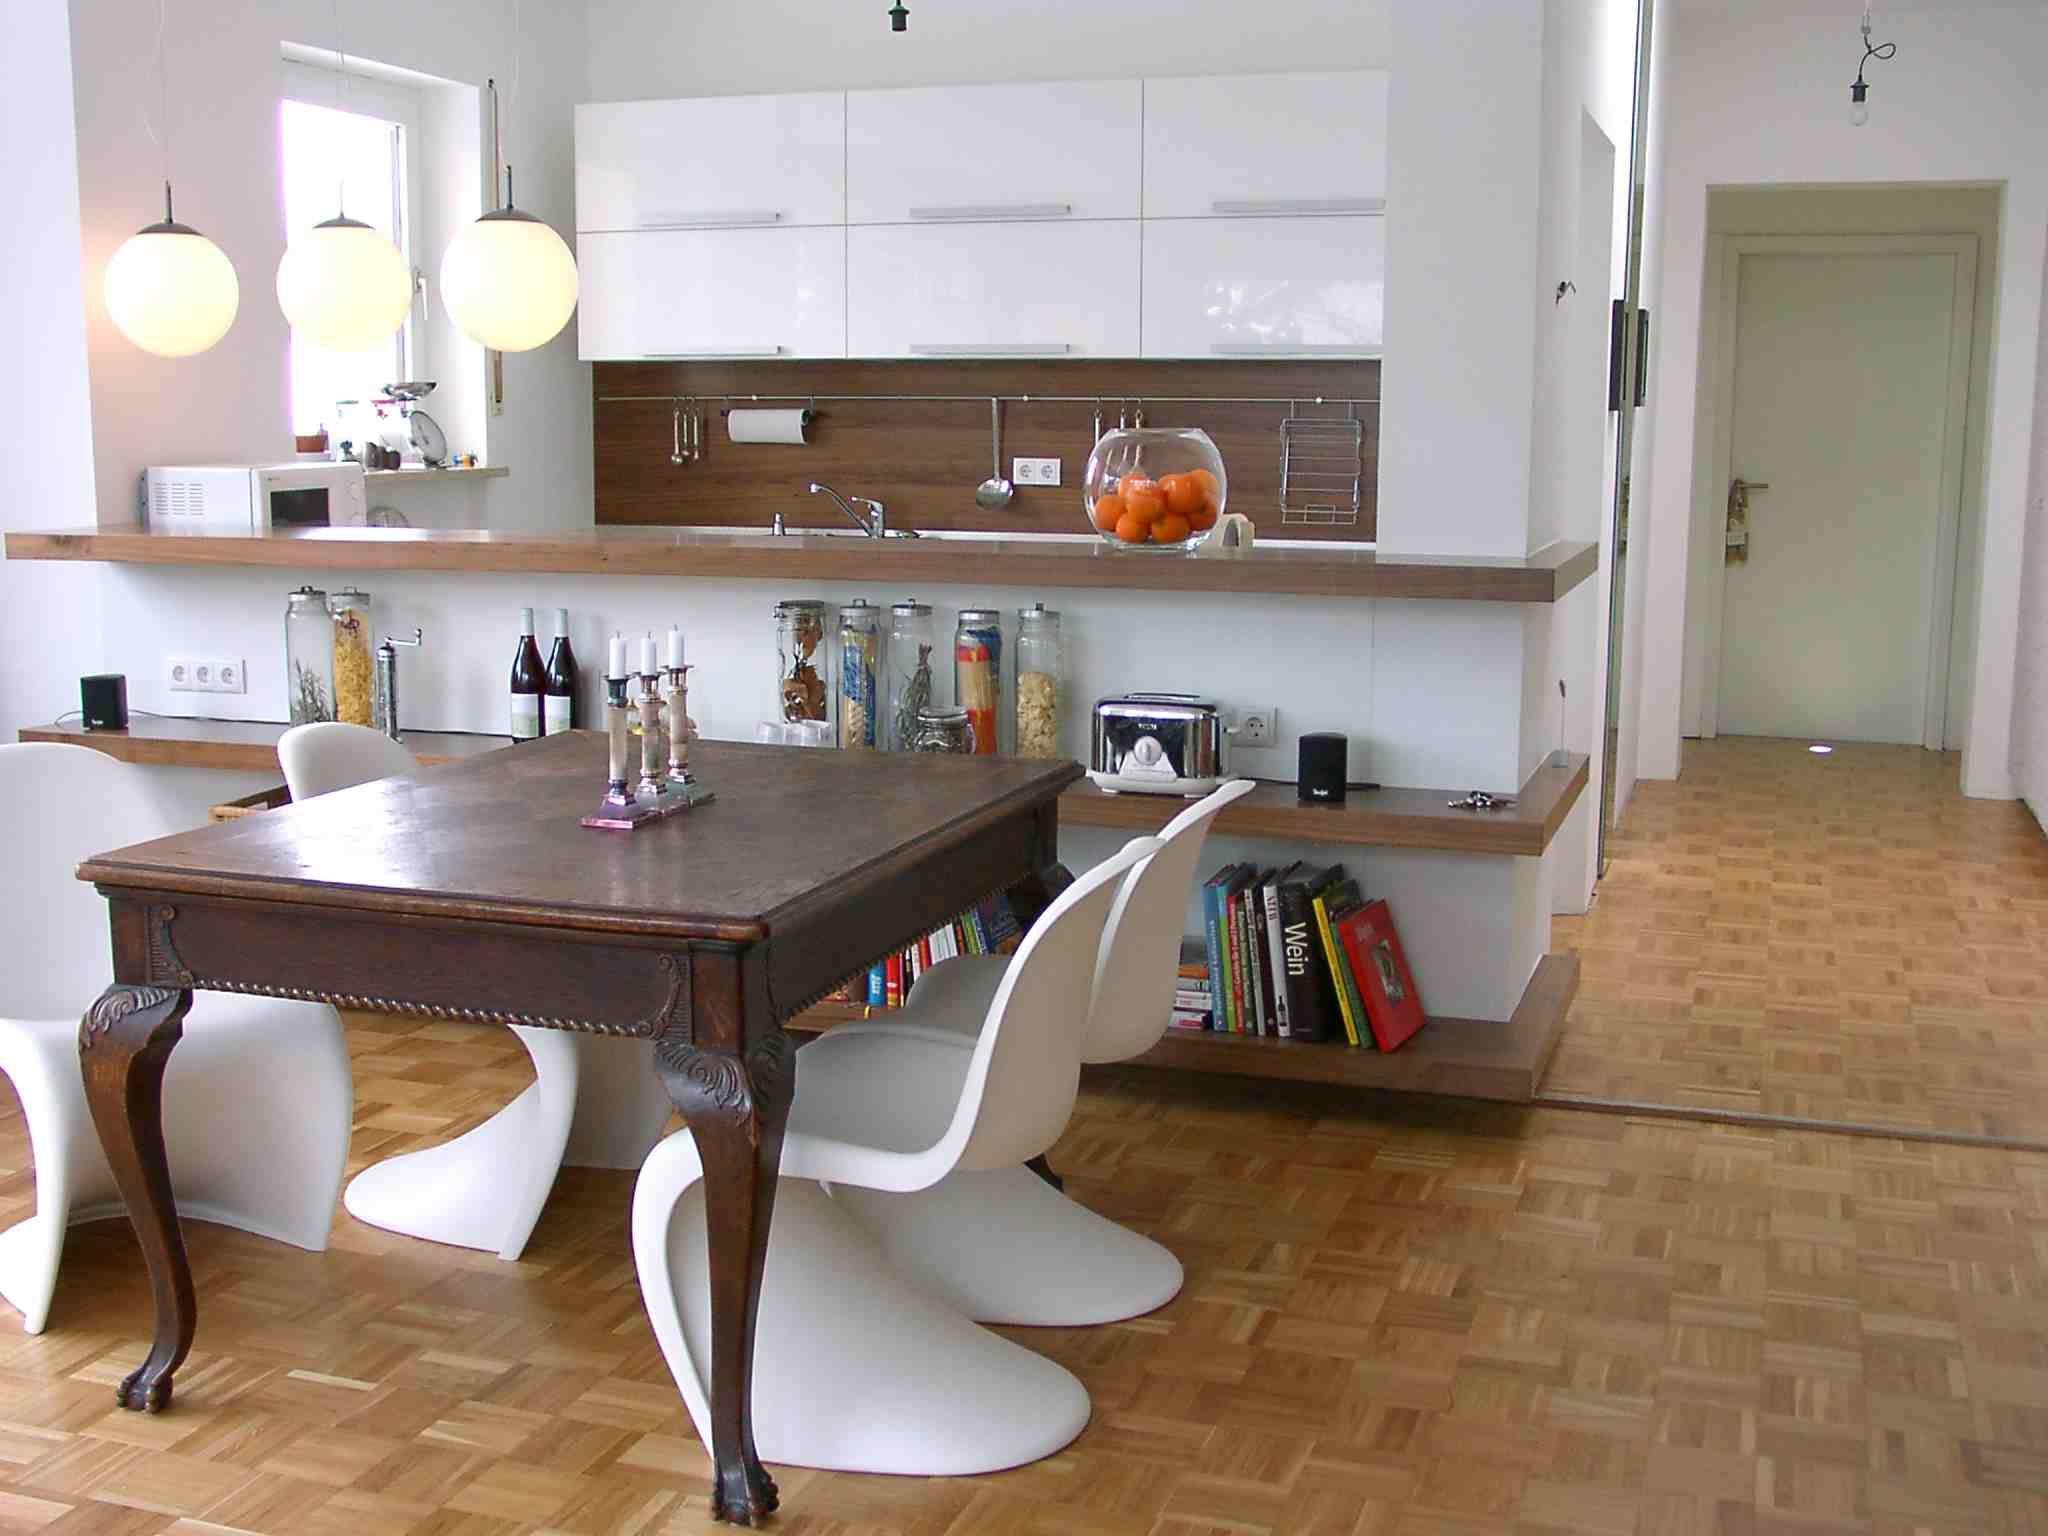 Full Size of Ikea Kche Low Budget Geht Auch Edel All About Designxd83dxdc8b Küche Ohne Oberschränke Lieferzeit Einhebelmischer Singelküche Nischenrückwand Polsterbank Wohnzimmer Eckschrank Ikea Küche